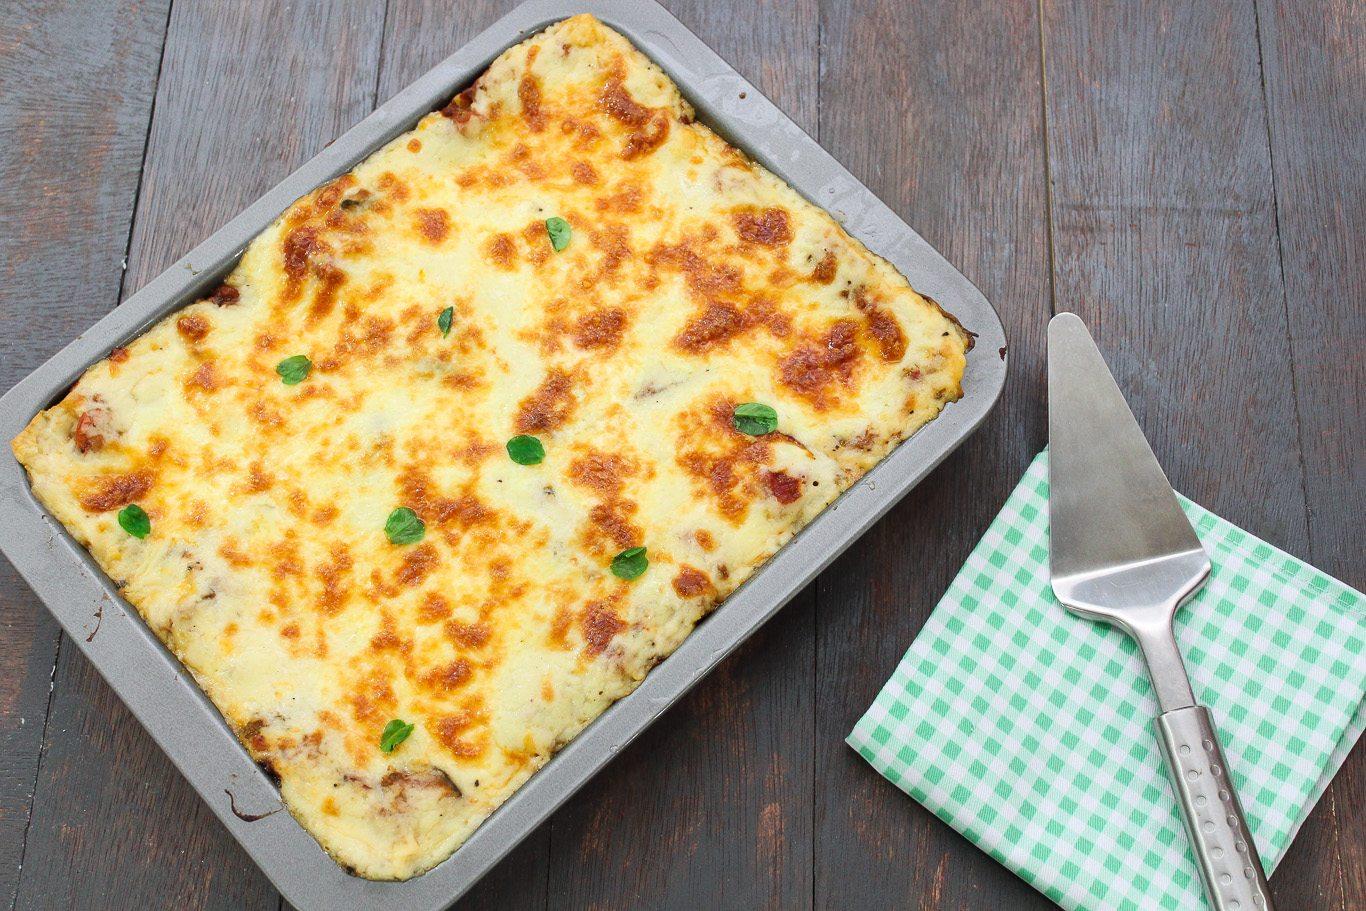 A classic lasagne recipe